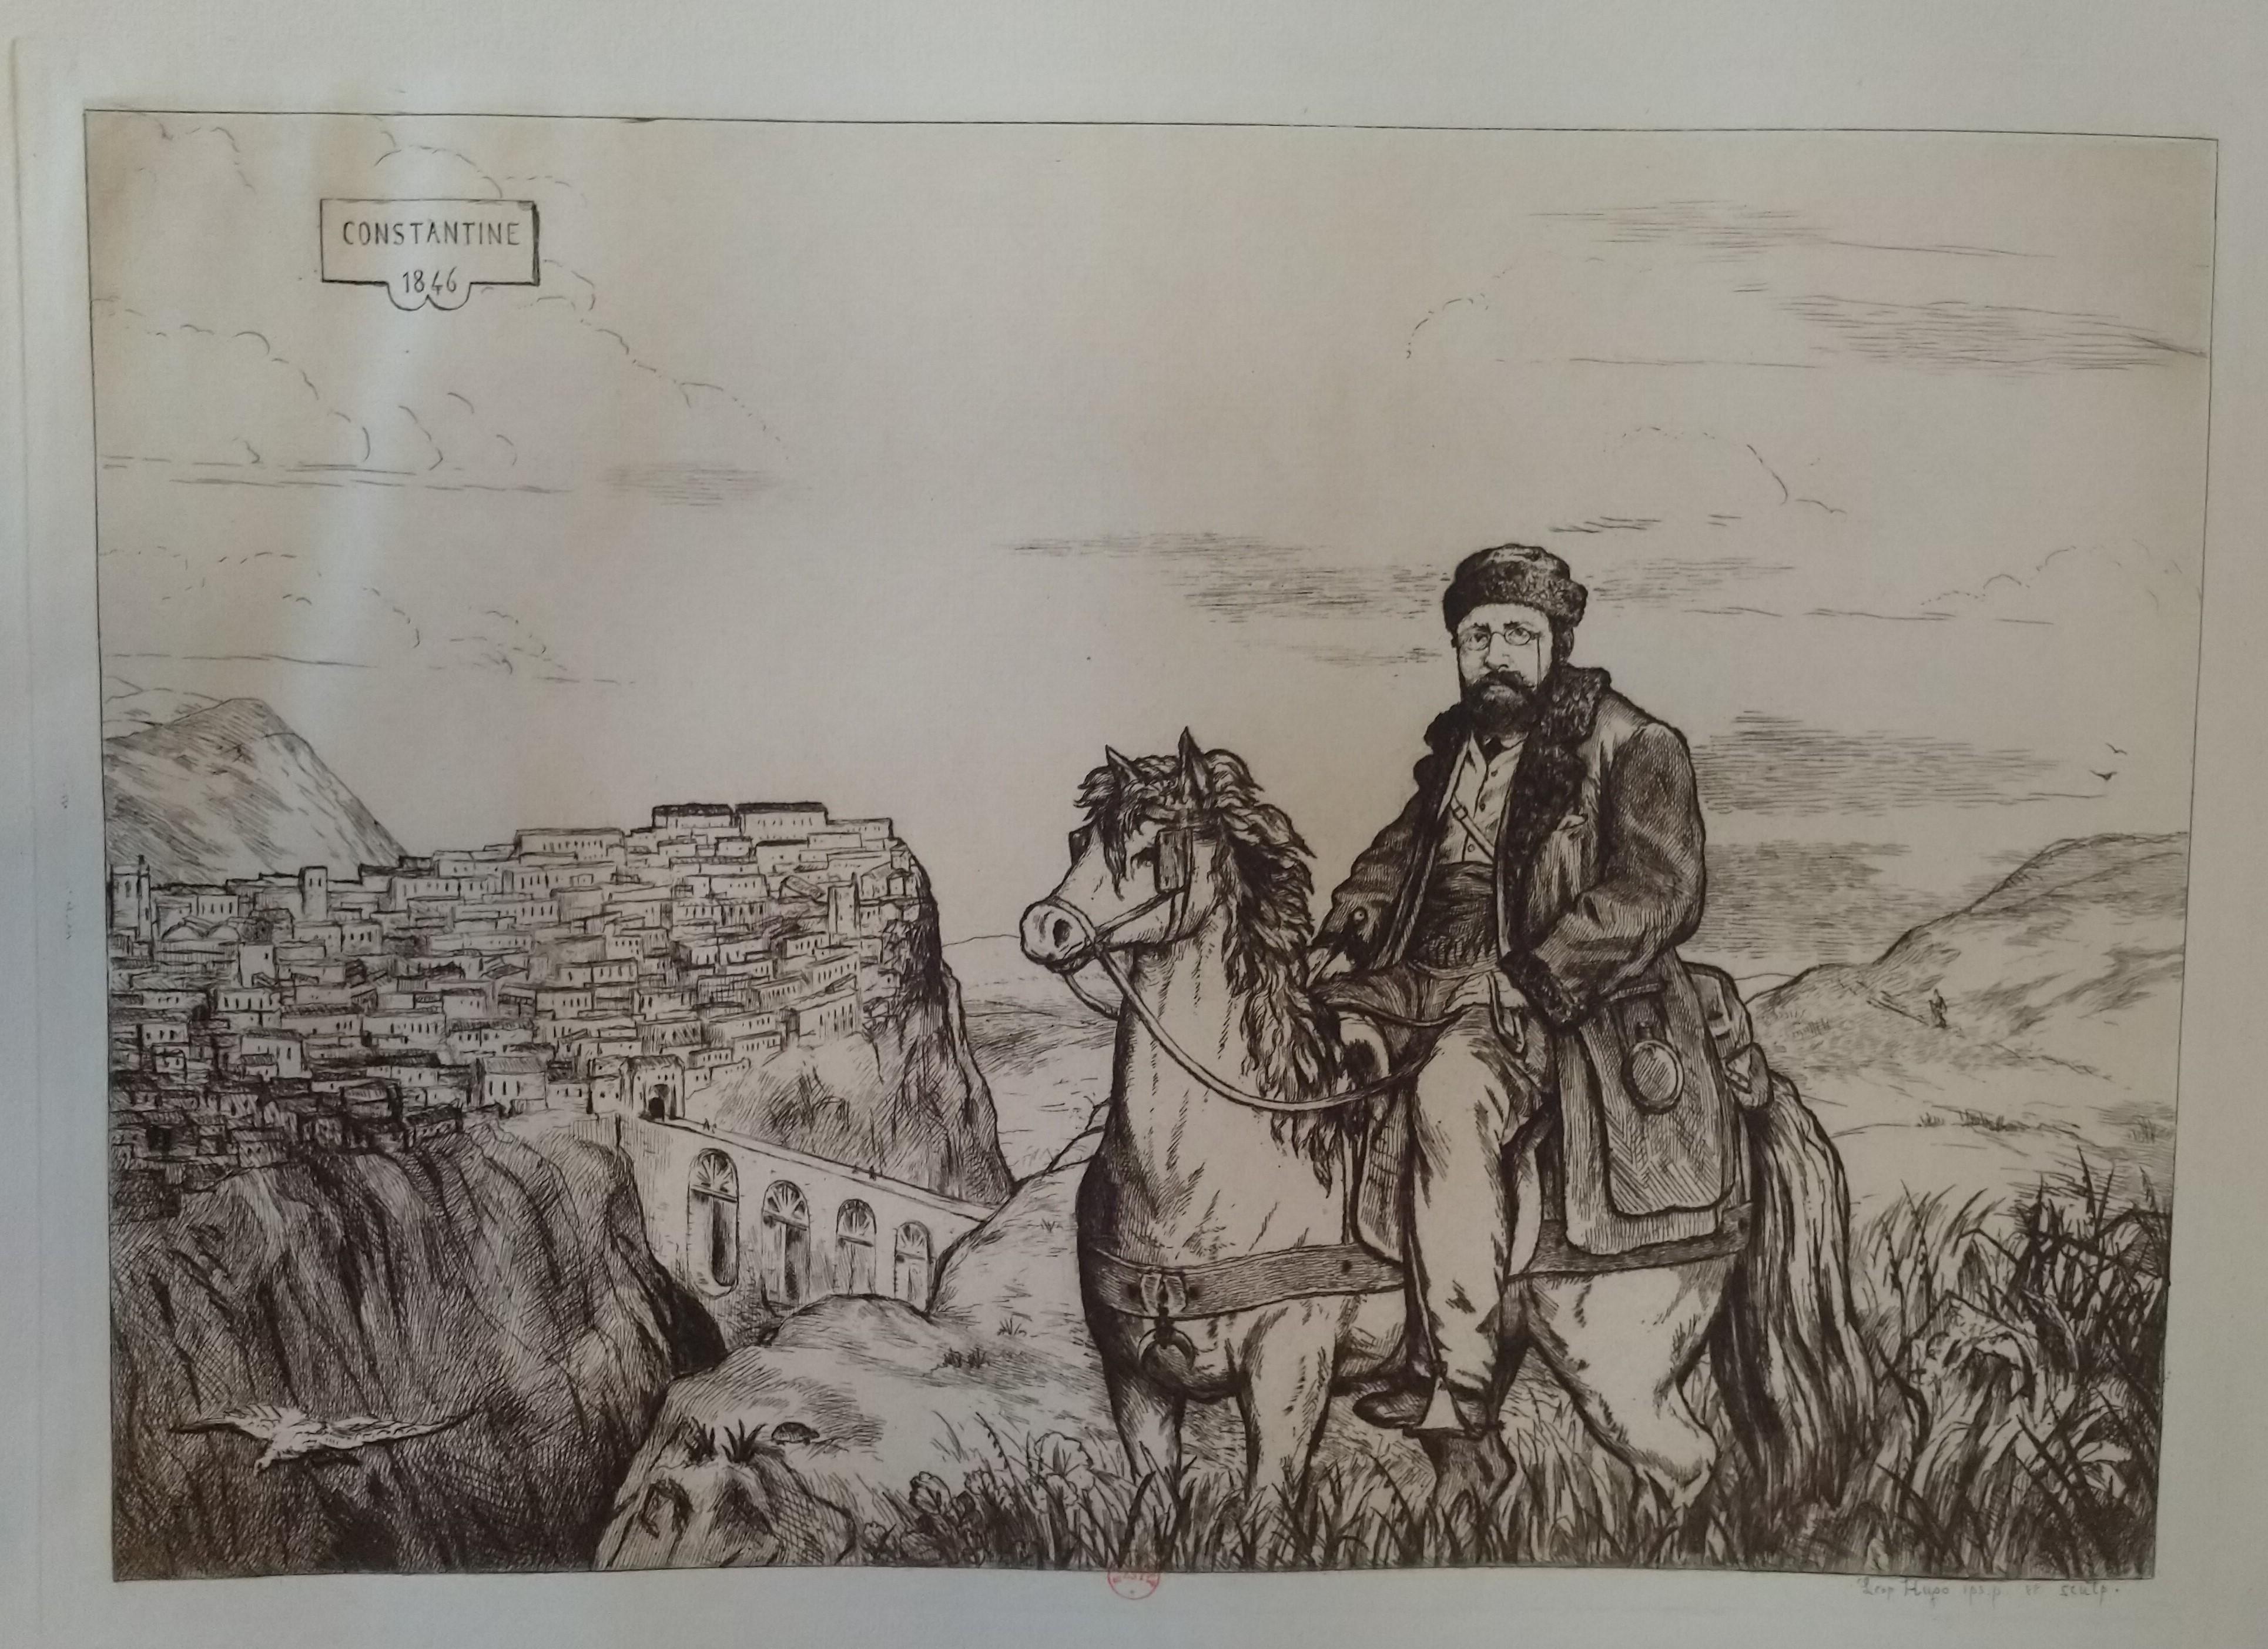 Leopold Armand Hugo BNF 1846 Autoportrait a Constantine (CIRTA)